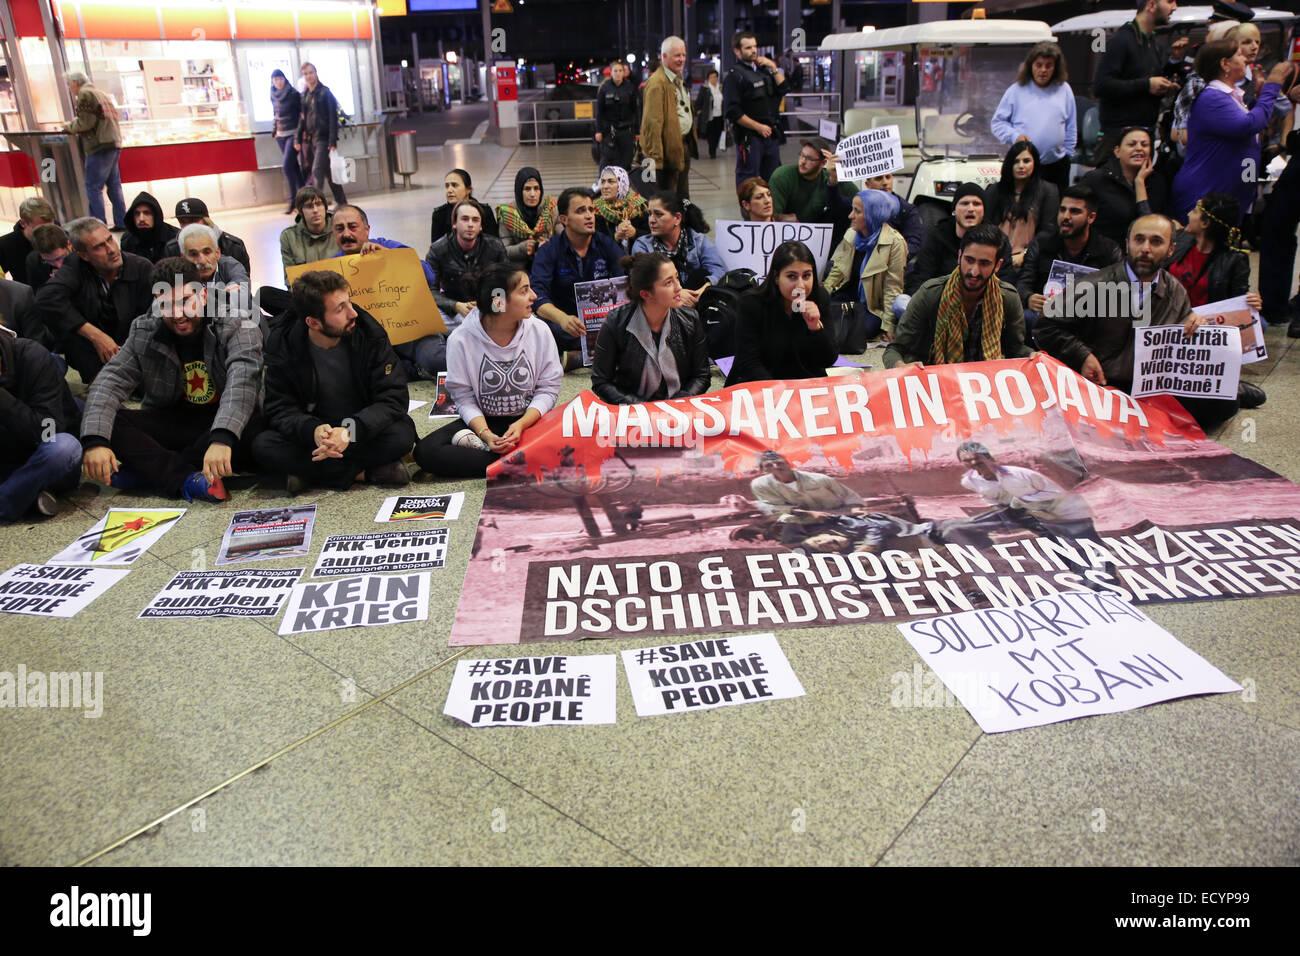 Salvar a la gente a sentarse kobane protesta estación de trenes de Munich Imagen De Stock